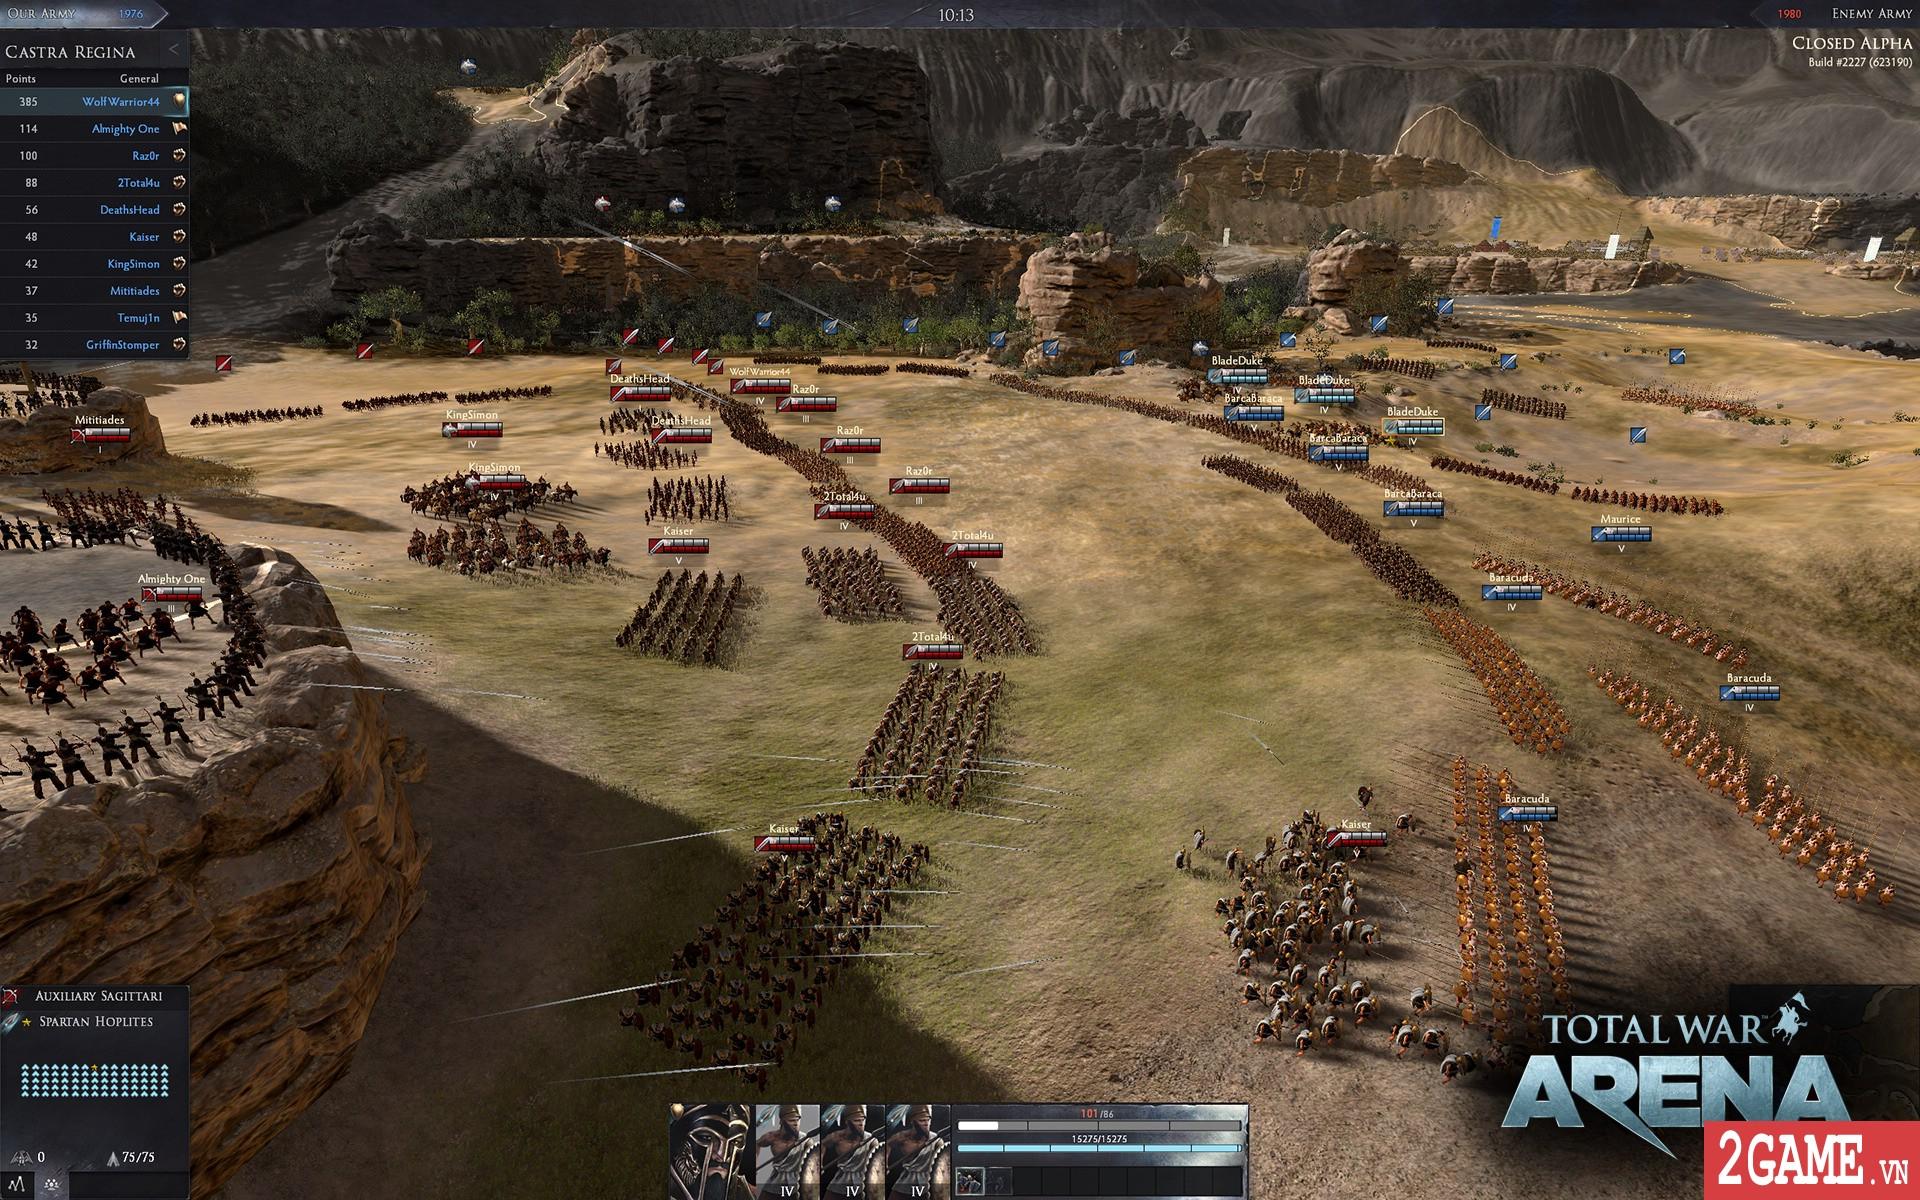 Total War: Arena - Game chiến thuật 3D quy mô bậc nhất trên PC bất ngờ cho chơi miễn phí hoàn toàn 1